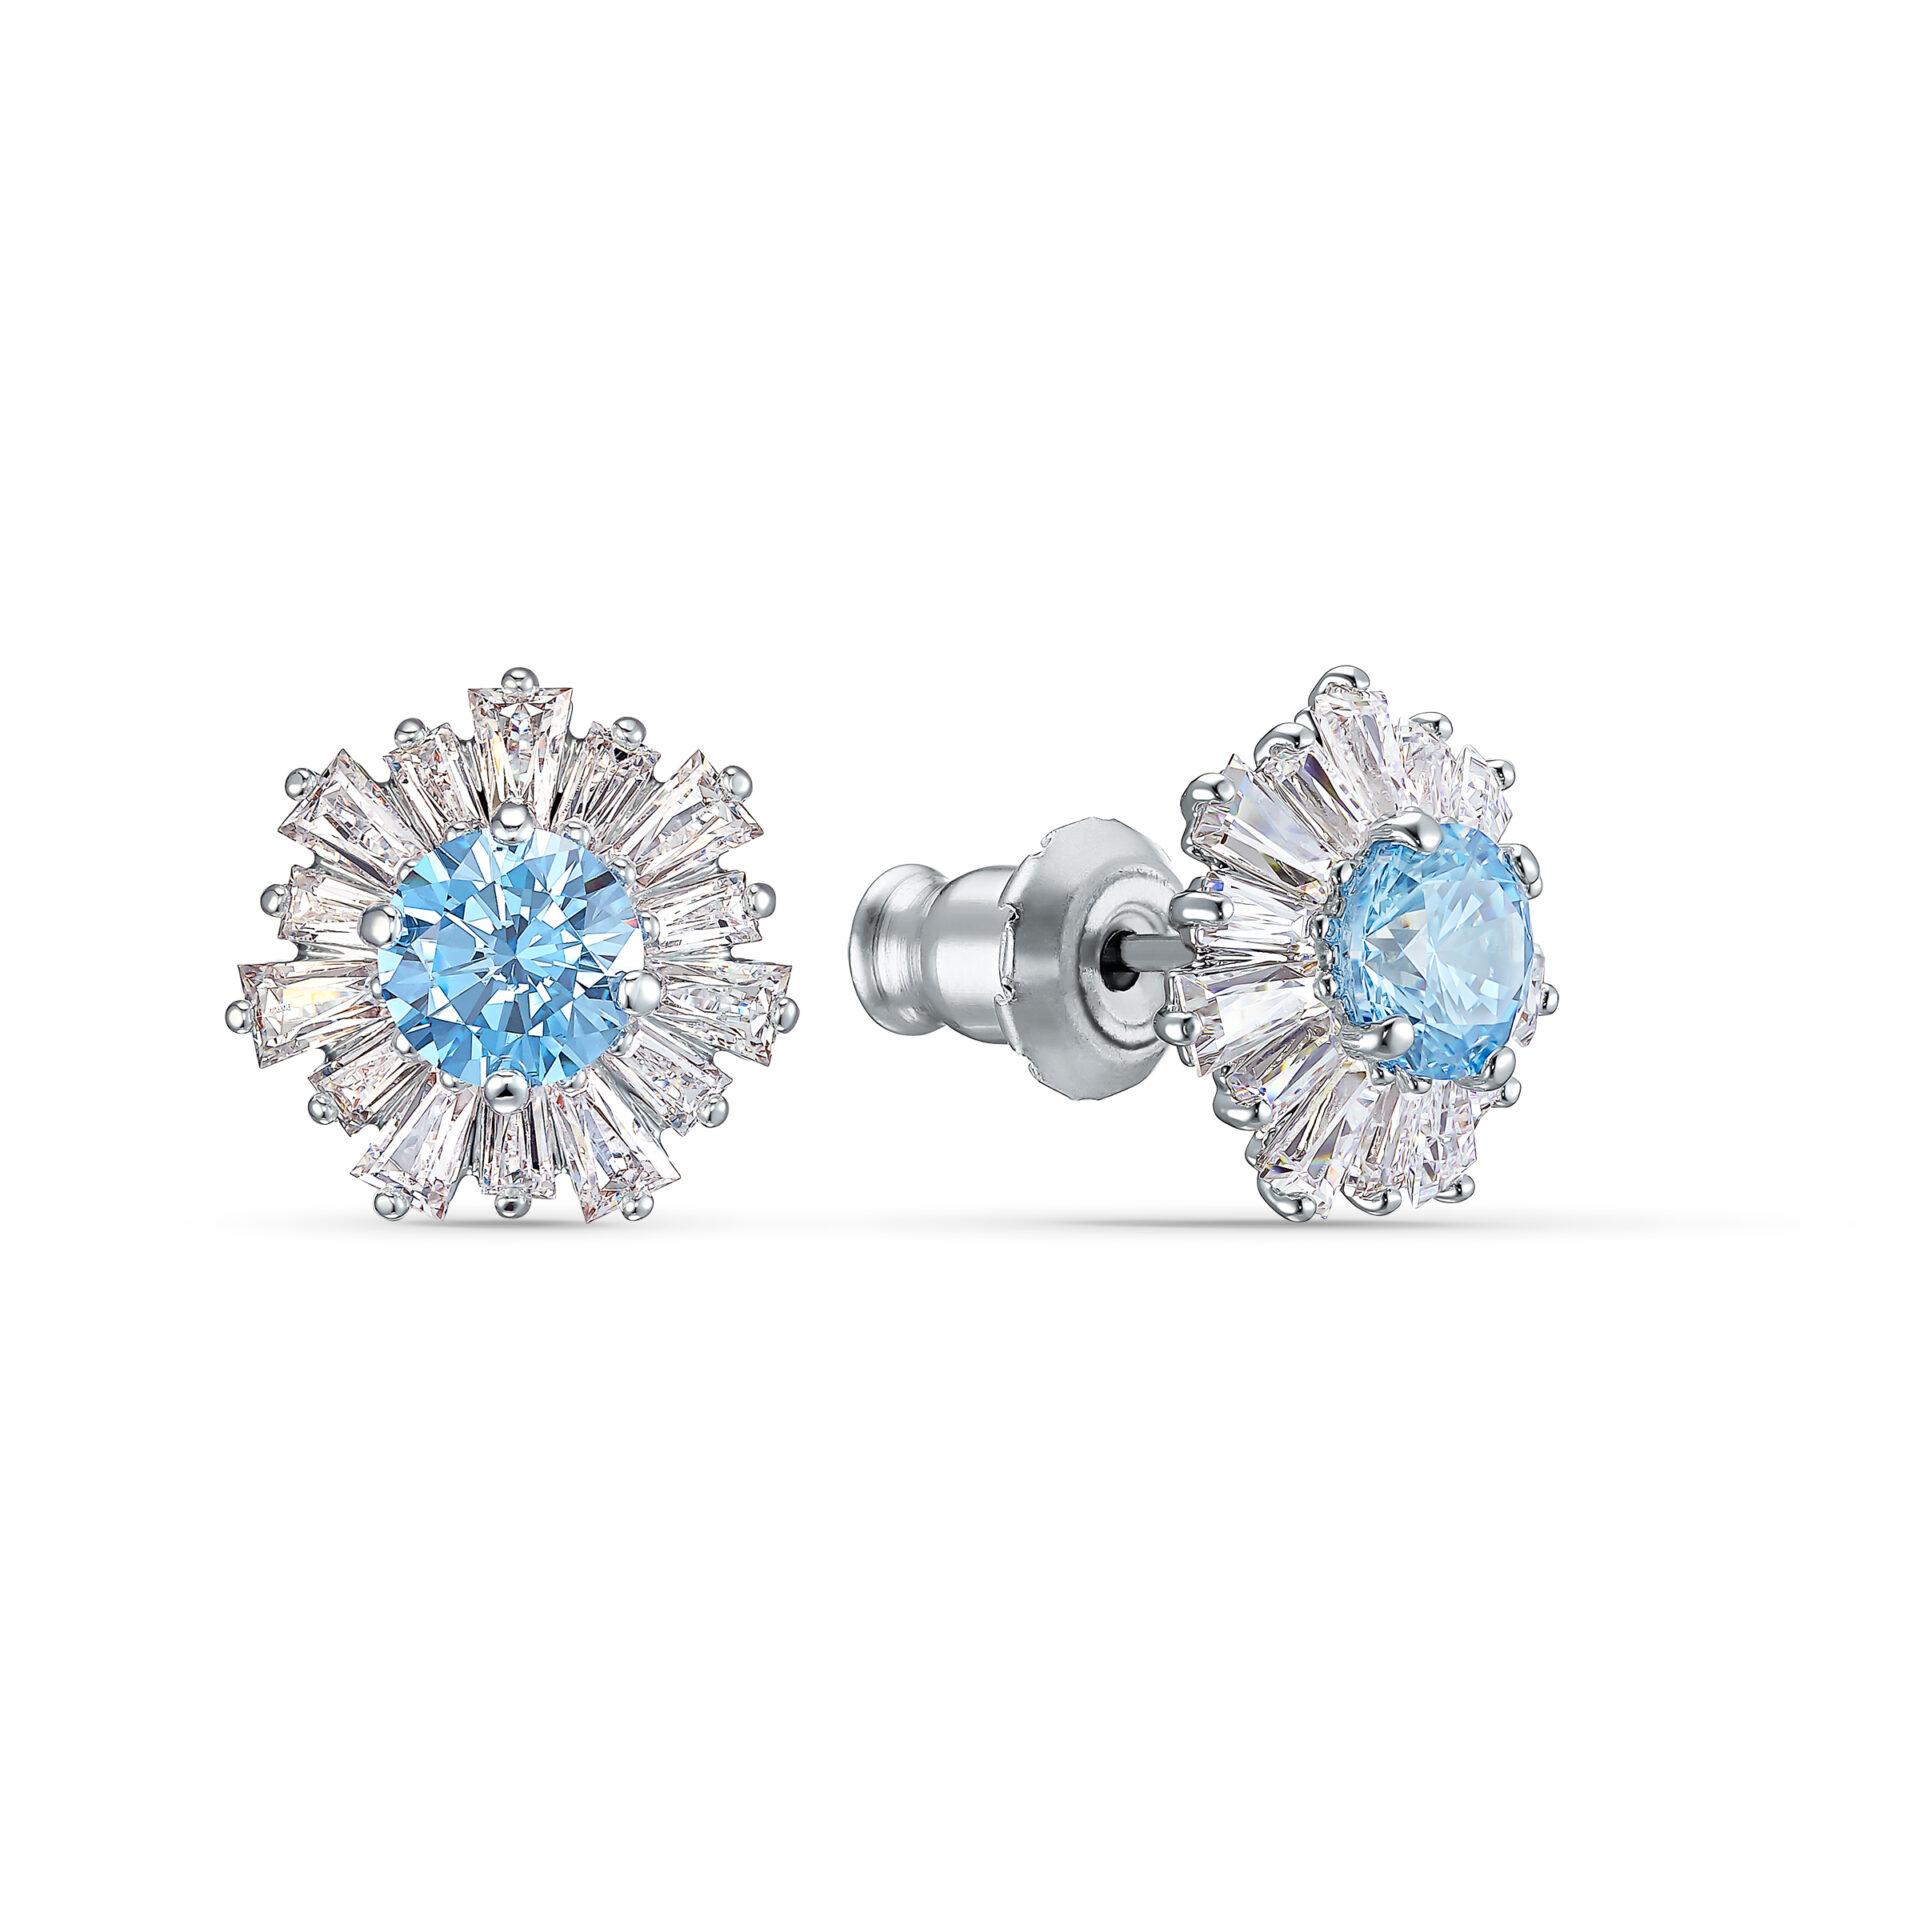 Boucles d'oreilles Sunshine, bleu, métal rhodié, Swarovski